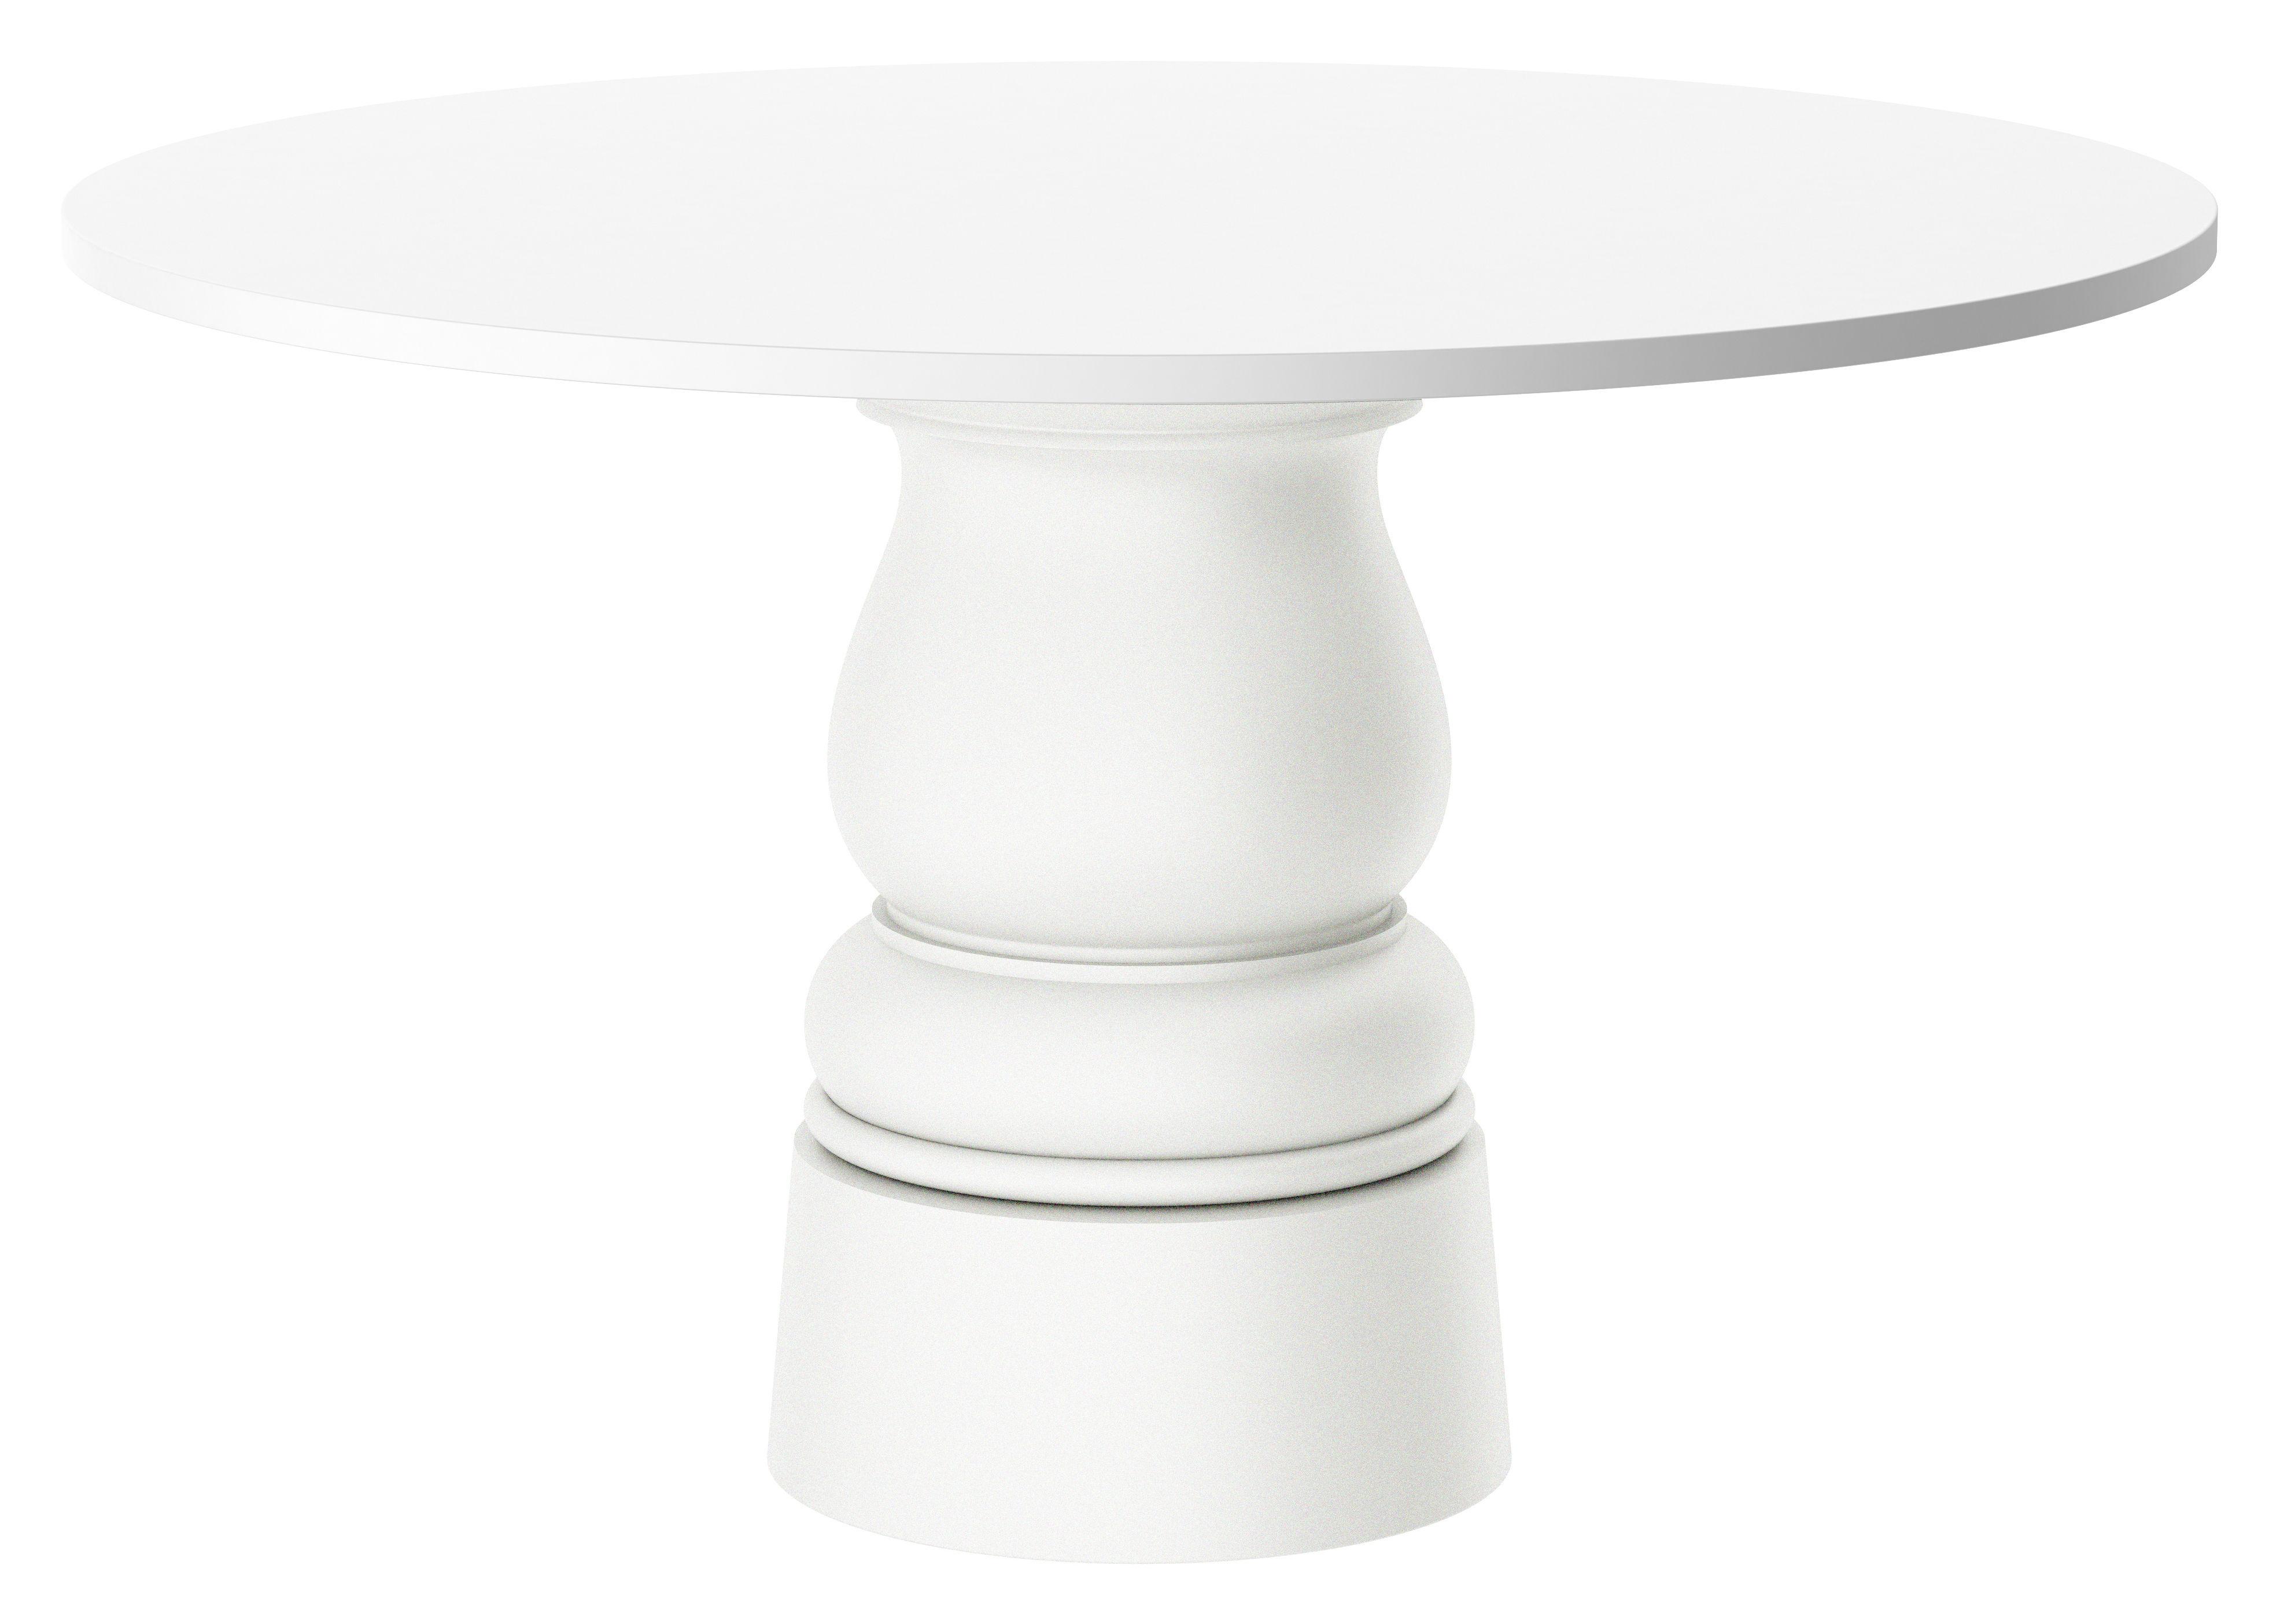 Outdoor - Tische - / Pied pour table Container New Antique Tischzubehör Ø 43 x H 71 cm - Für Tischplatte Ø 140 cm - Moooi - Fuß weiß - Ø 43 cm x H 71 cm - Polyäthylen, rostfreier Stahl